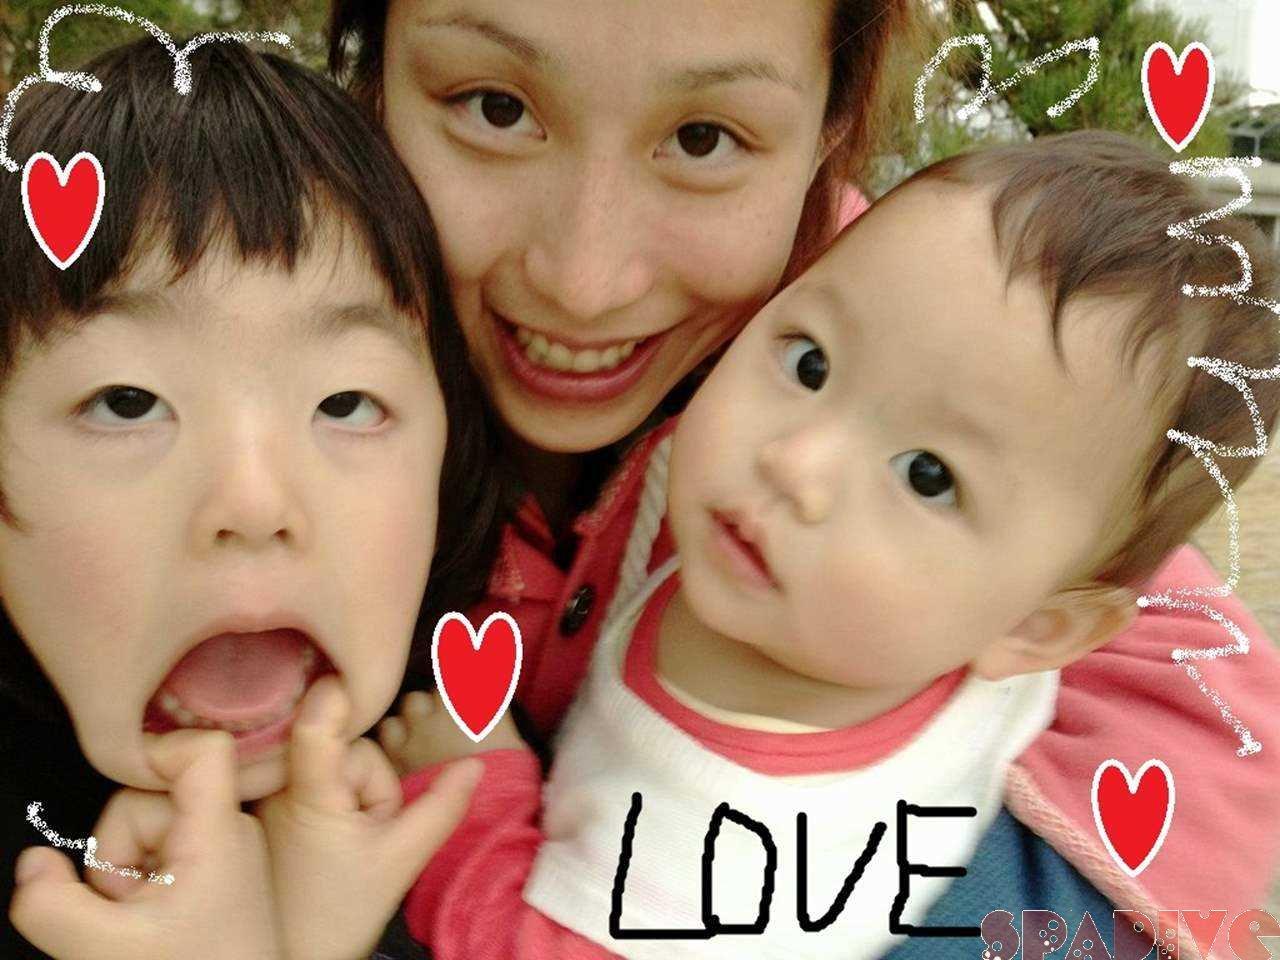 白良浜LOVELOVEデート 2/7/2013